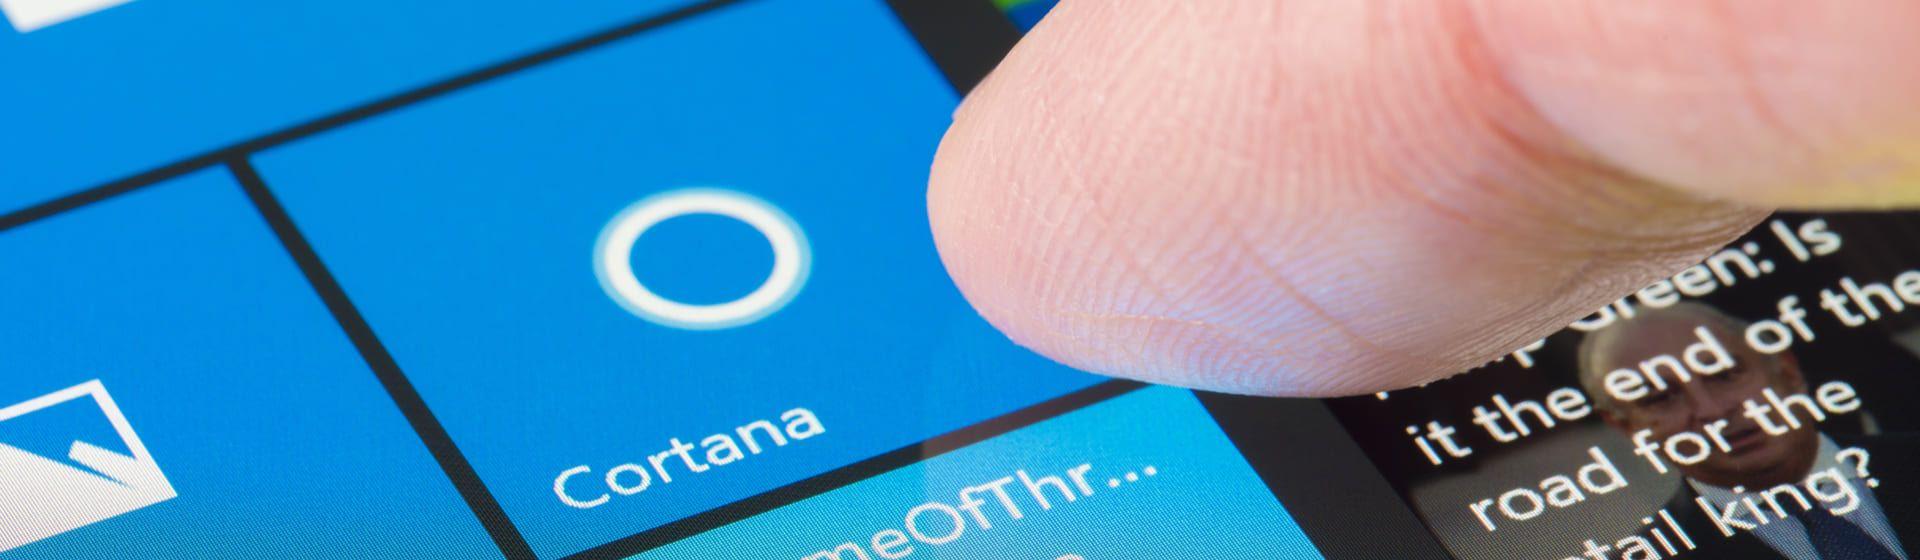 Siri, Cortana e Alexa: quem são e como funcionam as assistentes virtuais?